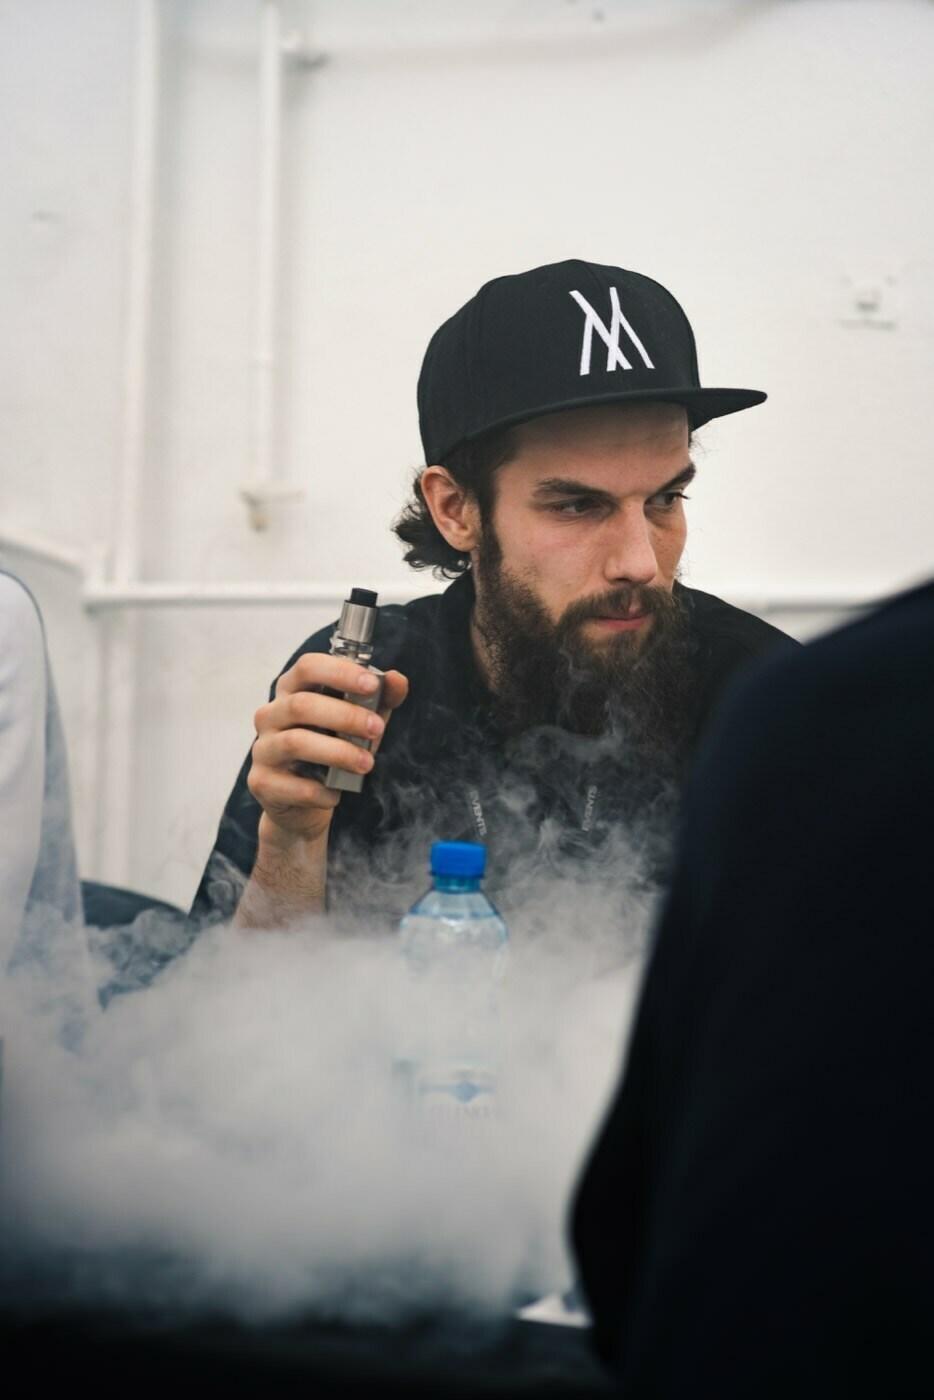 mężczyzna w czarnej czapce pali e-papieros